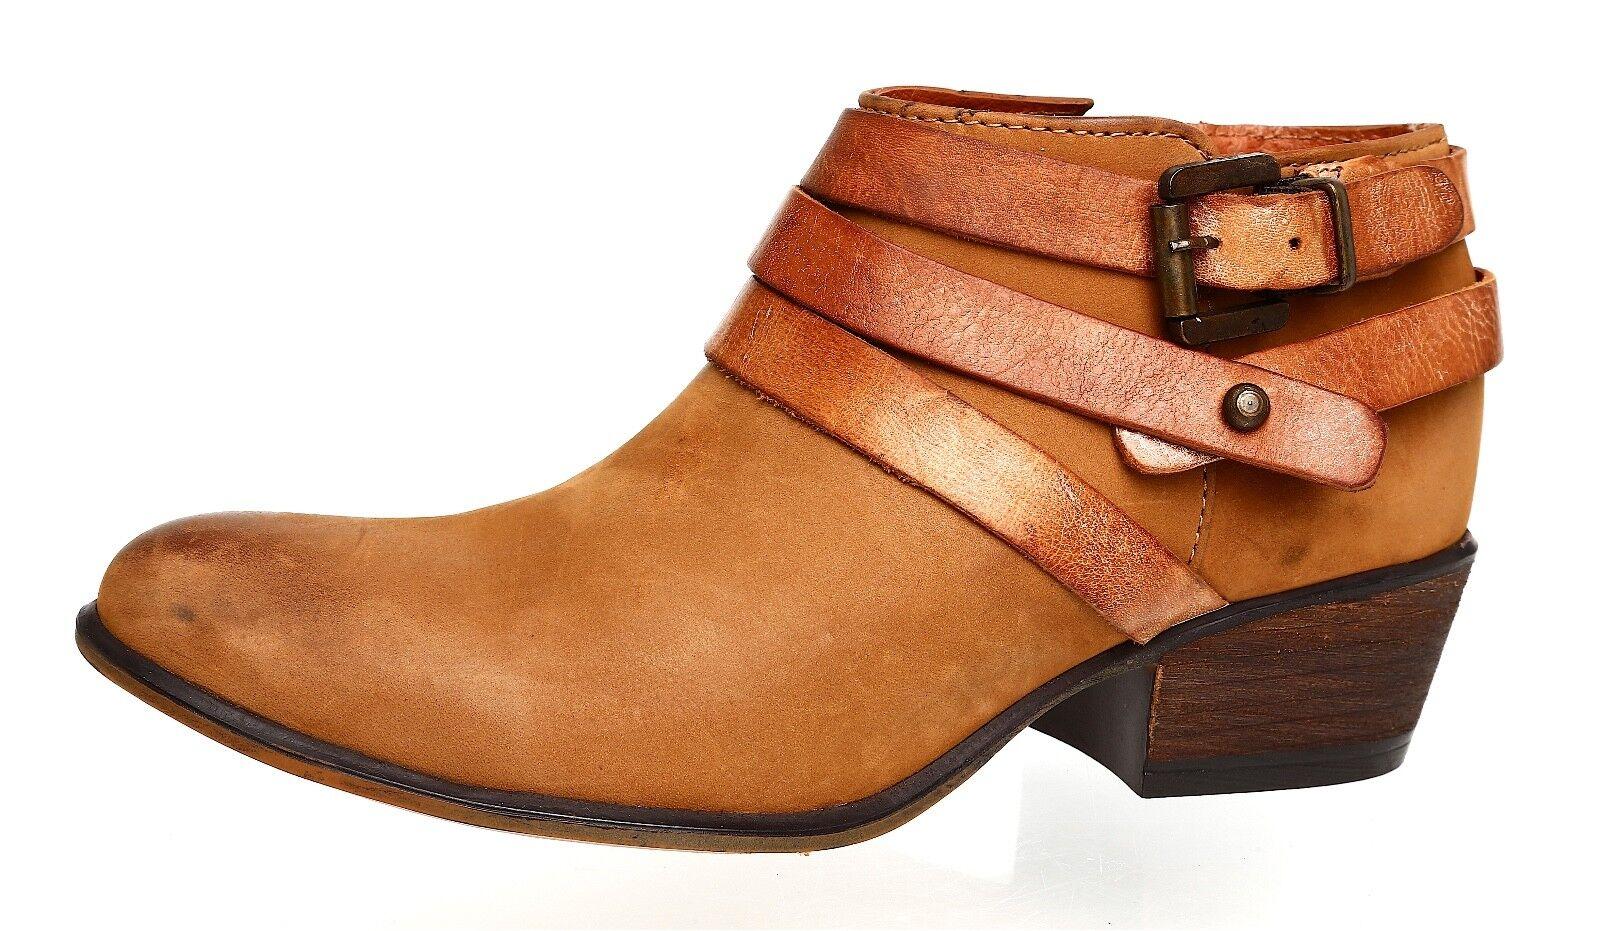 fino al 65% di sconto Steve Madden Madden Madden Regennt Leather avvioie Marrone donna Sz 6.5 M 4007   acquista online oggi